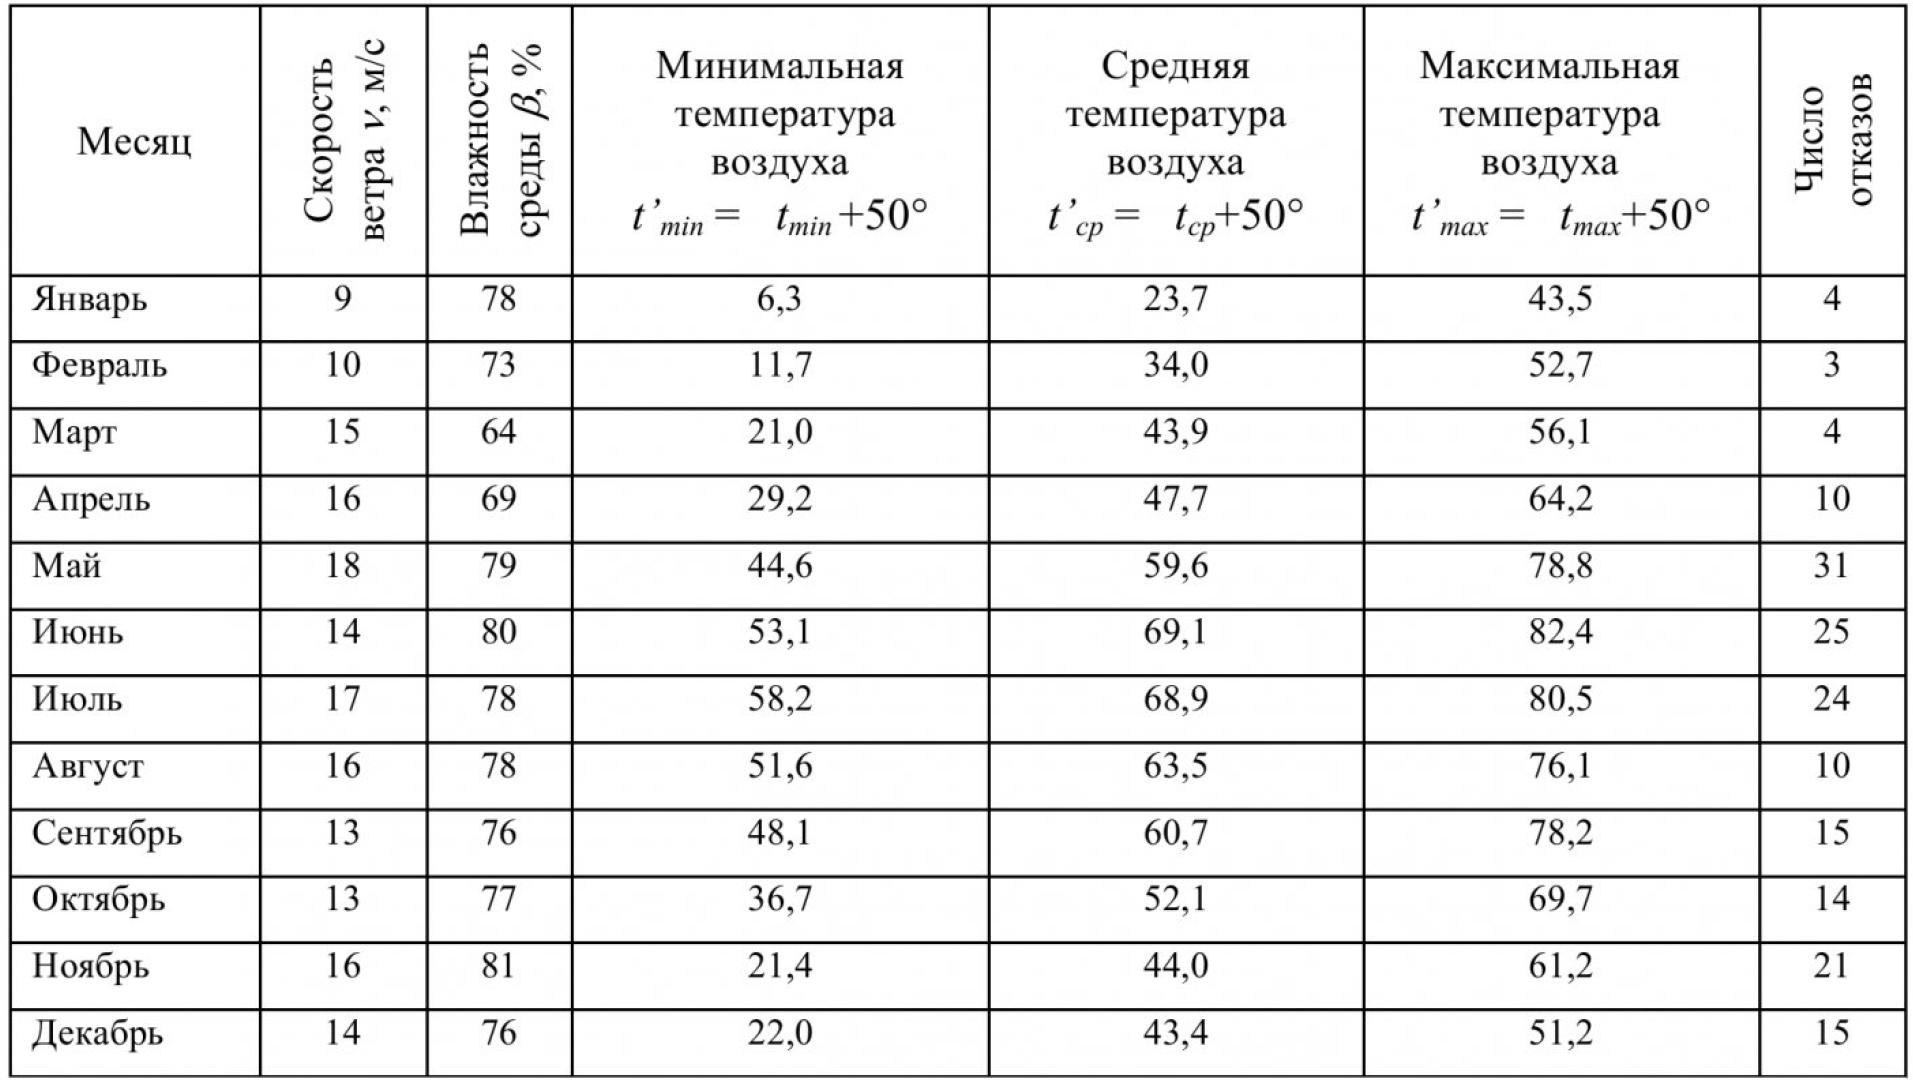 Влияние погодно-климатических факторов на эксплуатационную надежность распределительных сетей угольных разрезов 1